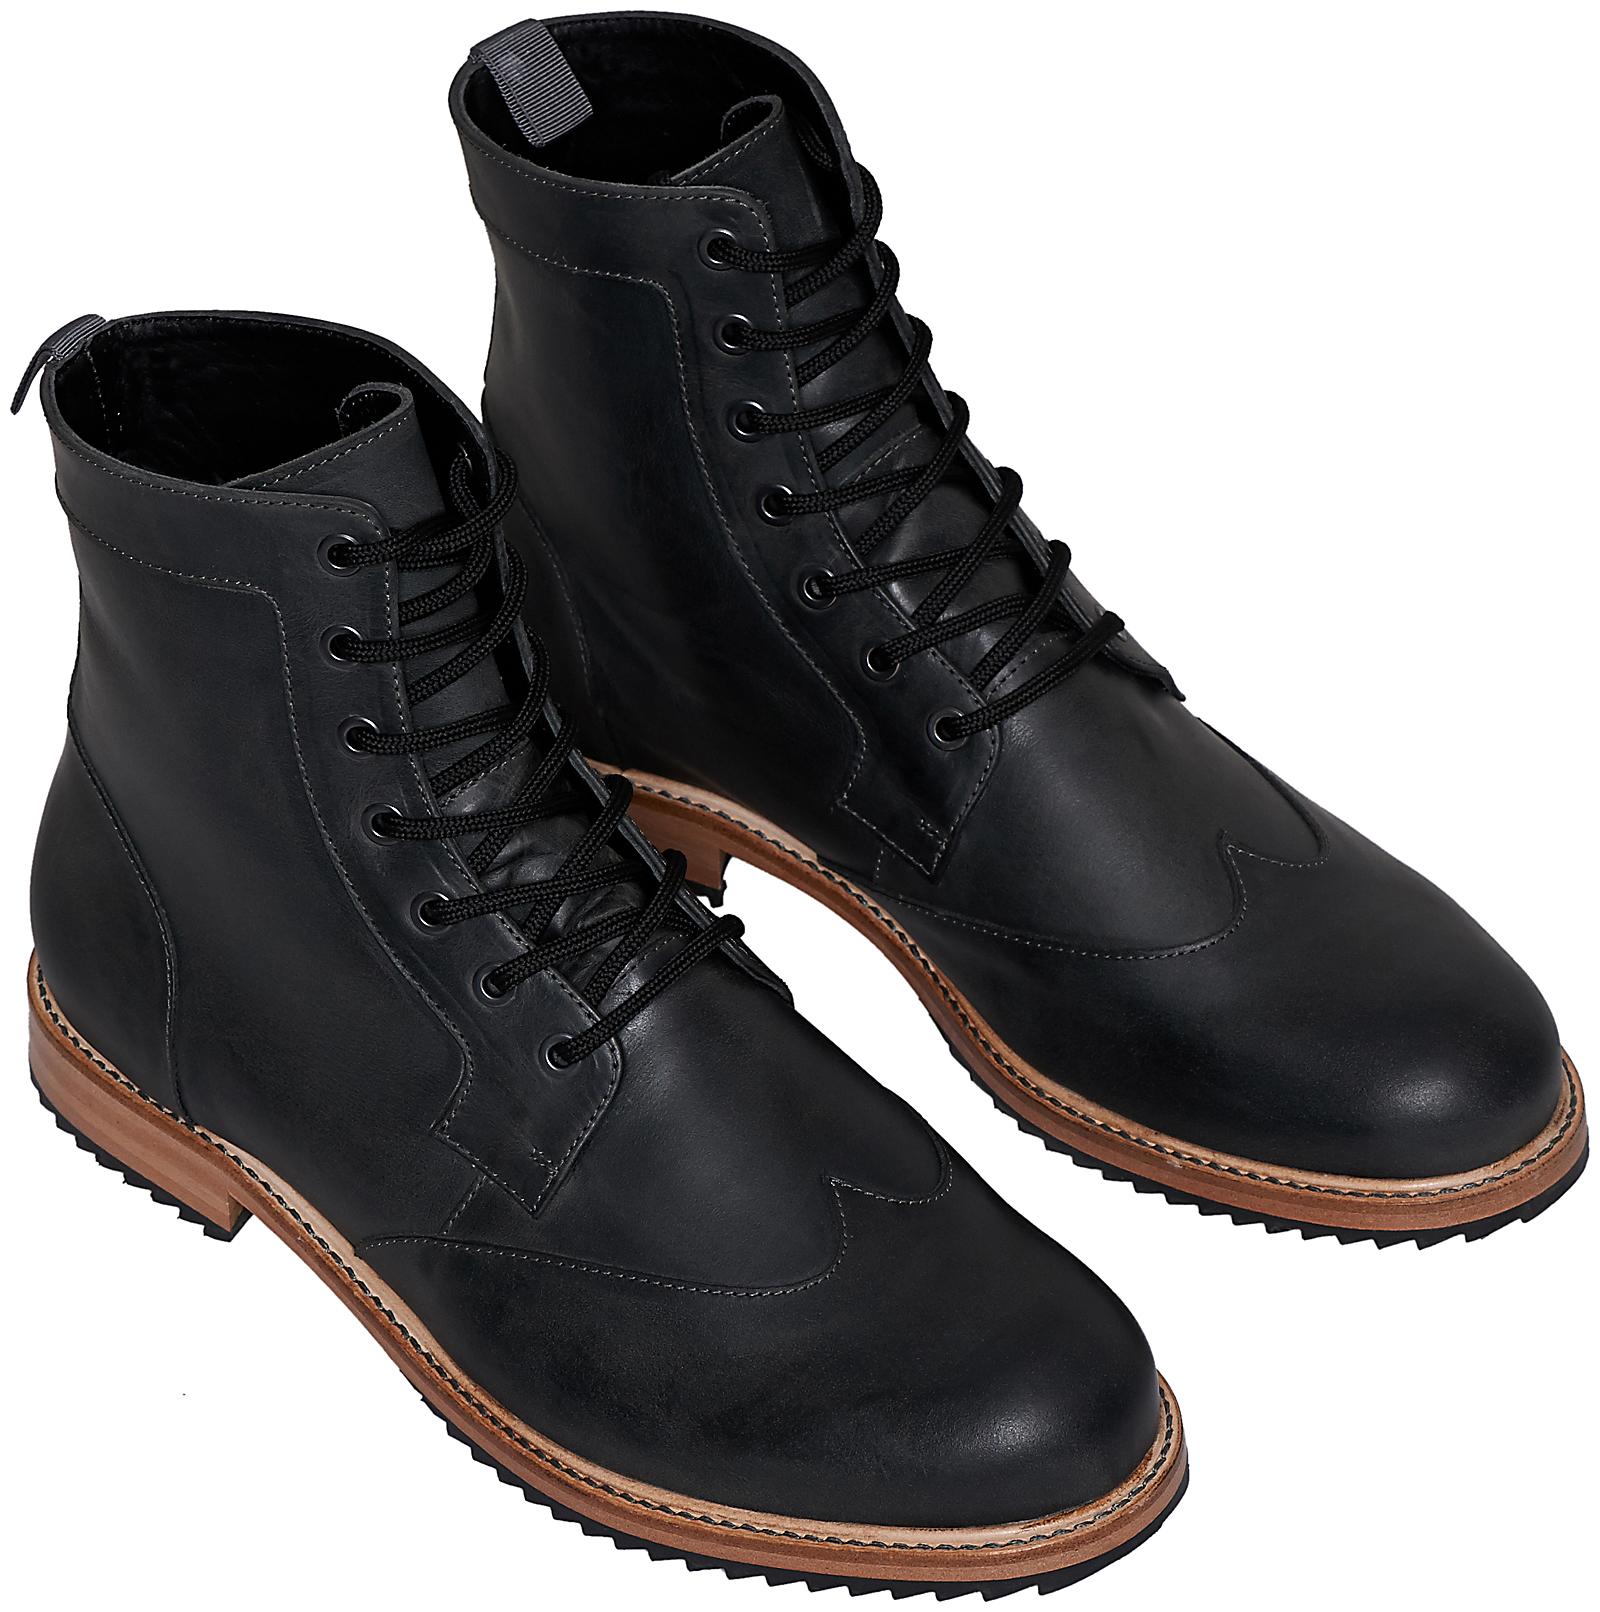 Bruuns Bazaar boots